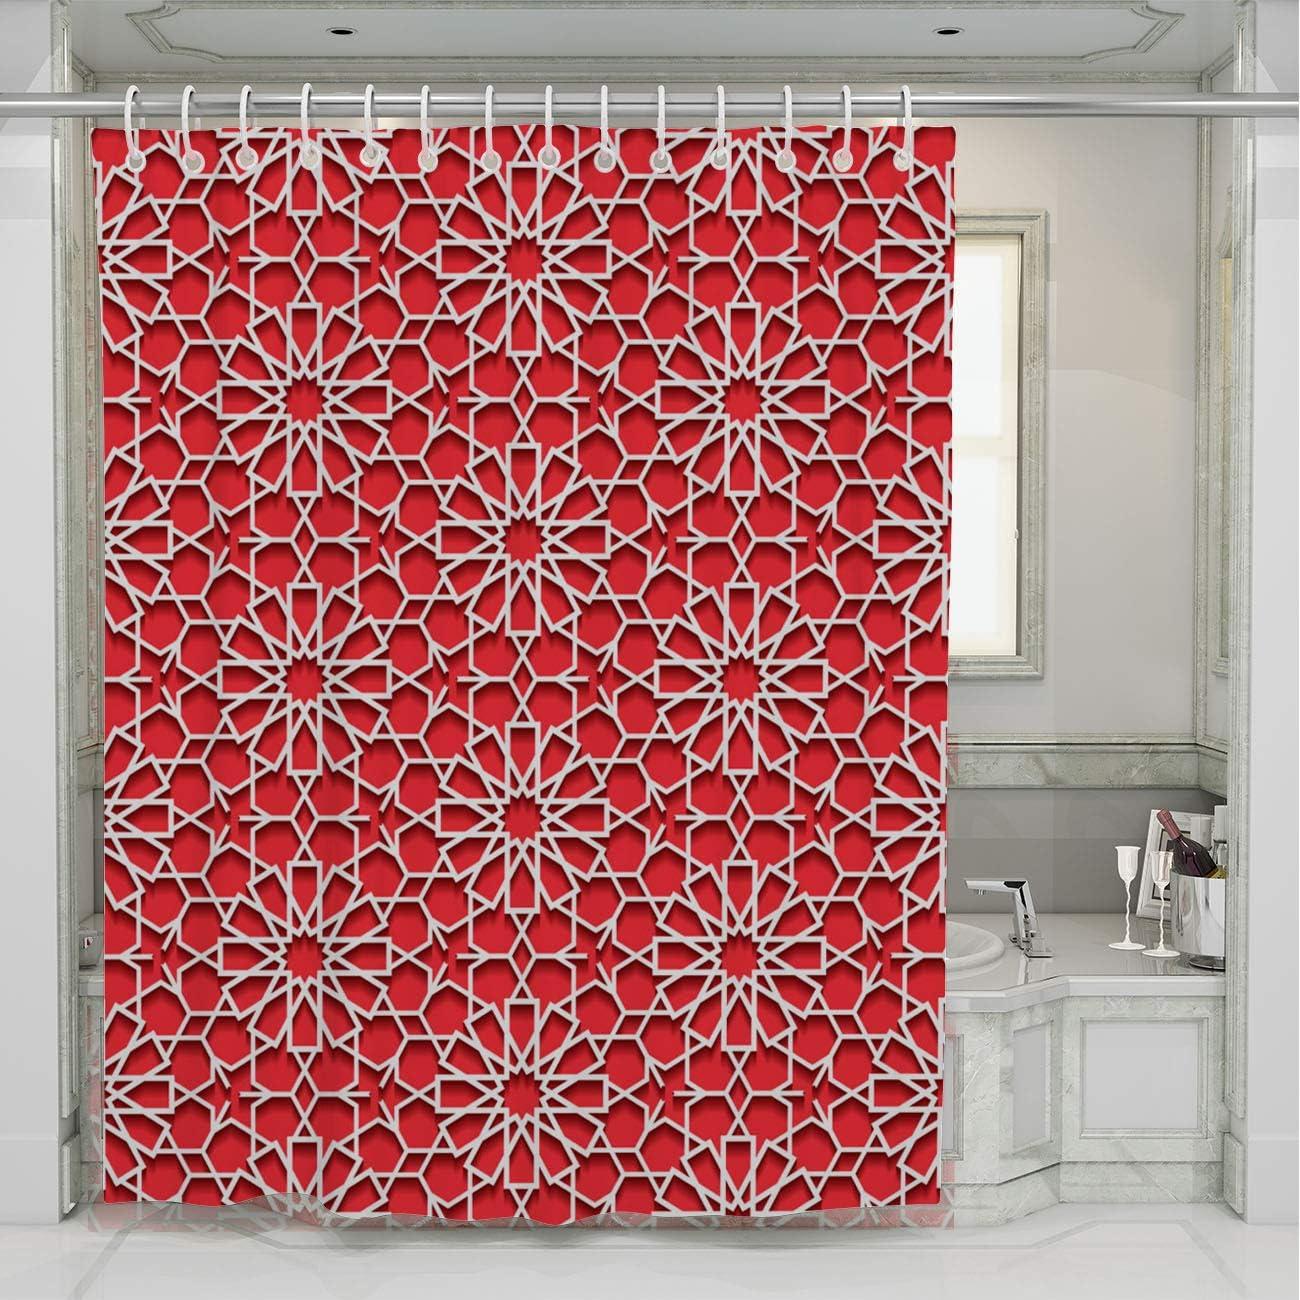 3D Impresi/ón Cortina de Ba/ño Cortina de Ba/ñera de 100/% Poli/éster con 12 Anillos 90x180cm,Azul Fansu Cortinas de Ducha de Antimoho Impermeable Antibacteriano Lavable